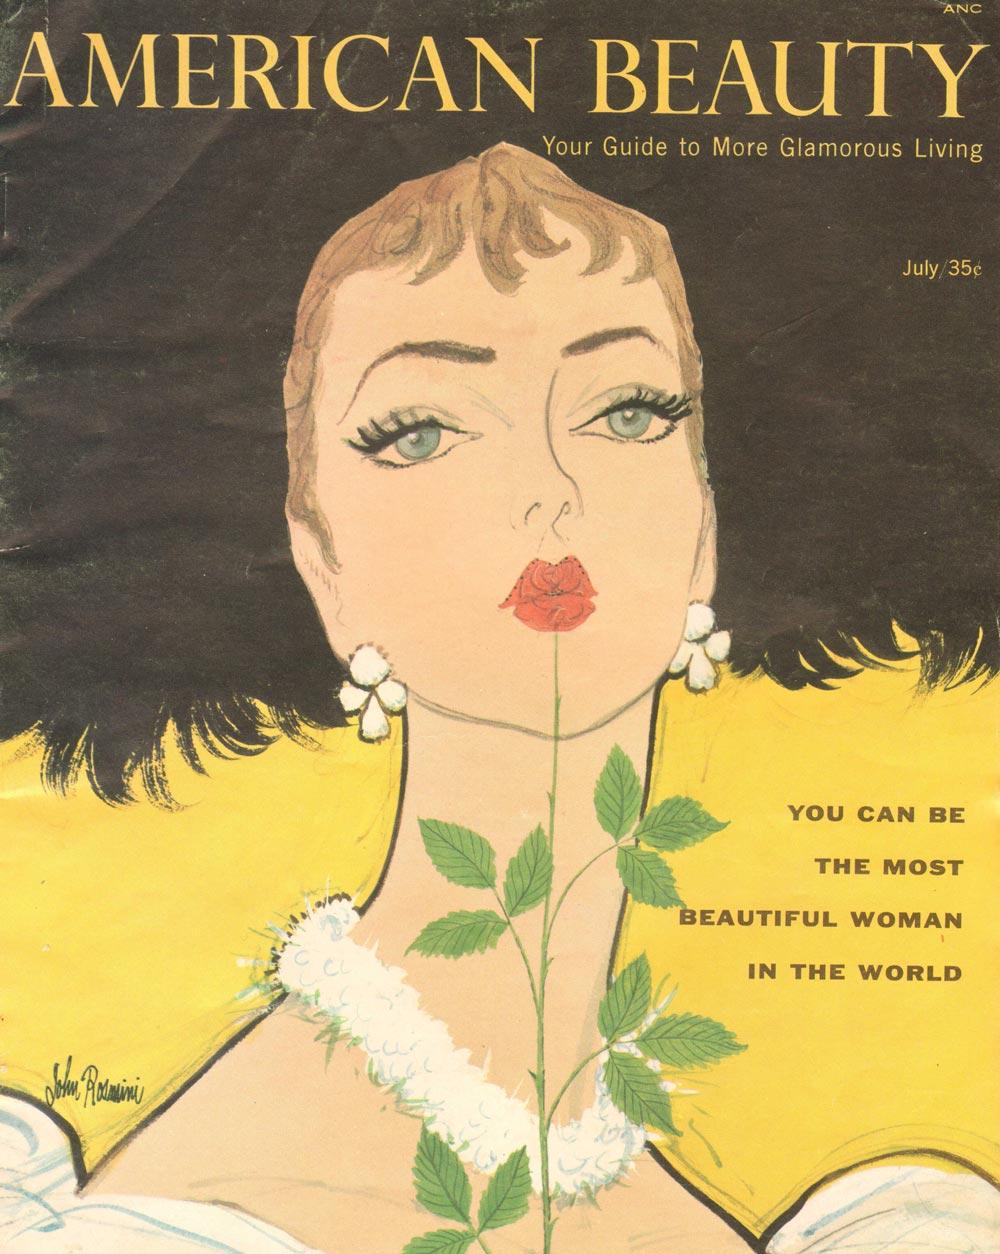 1950's makeup tips